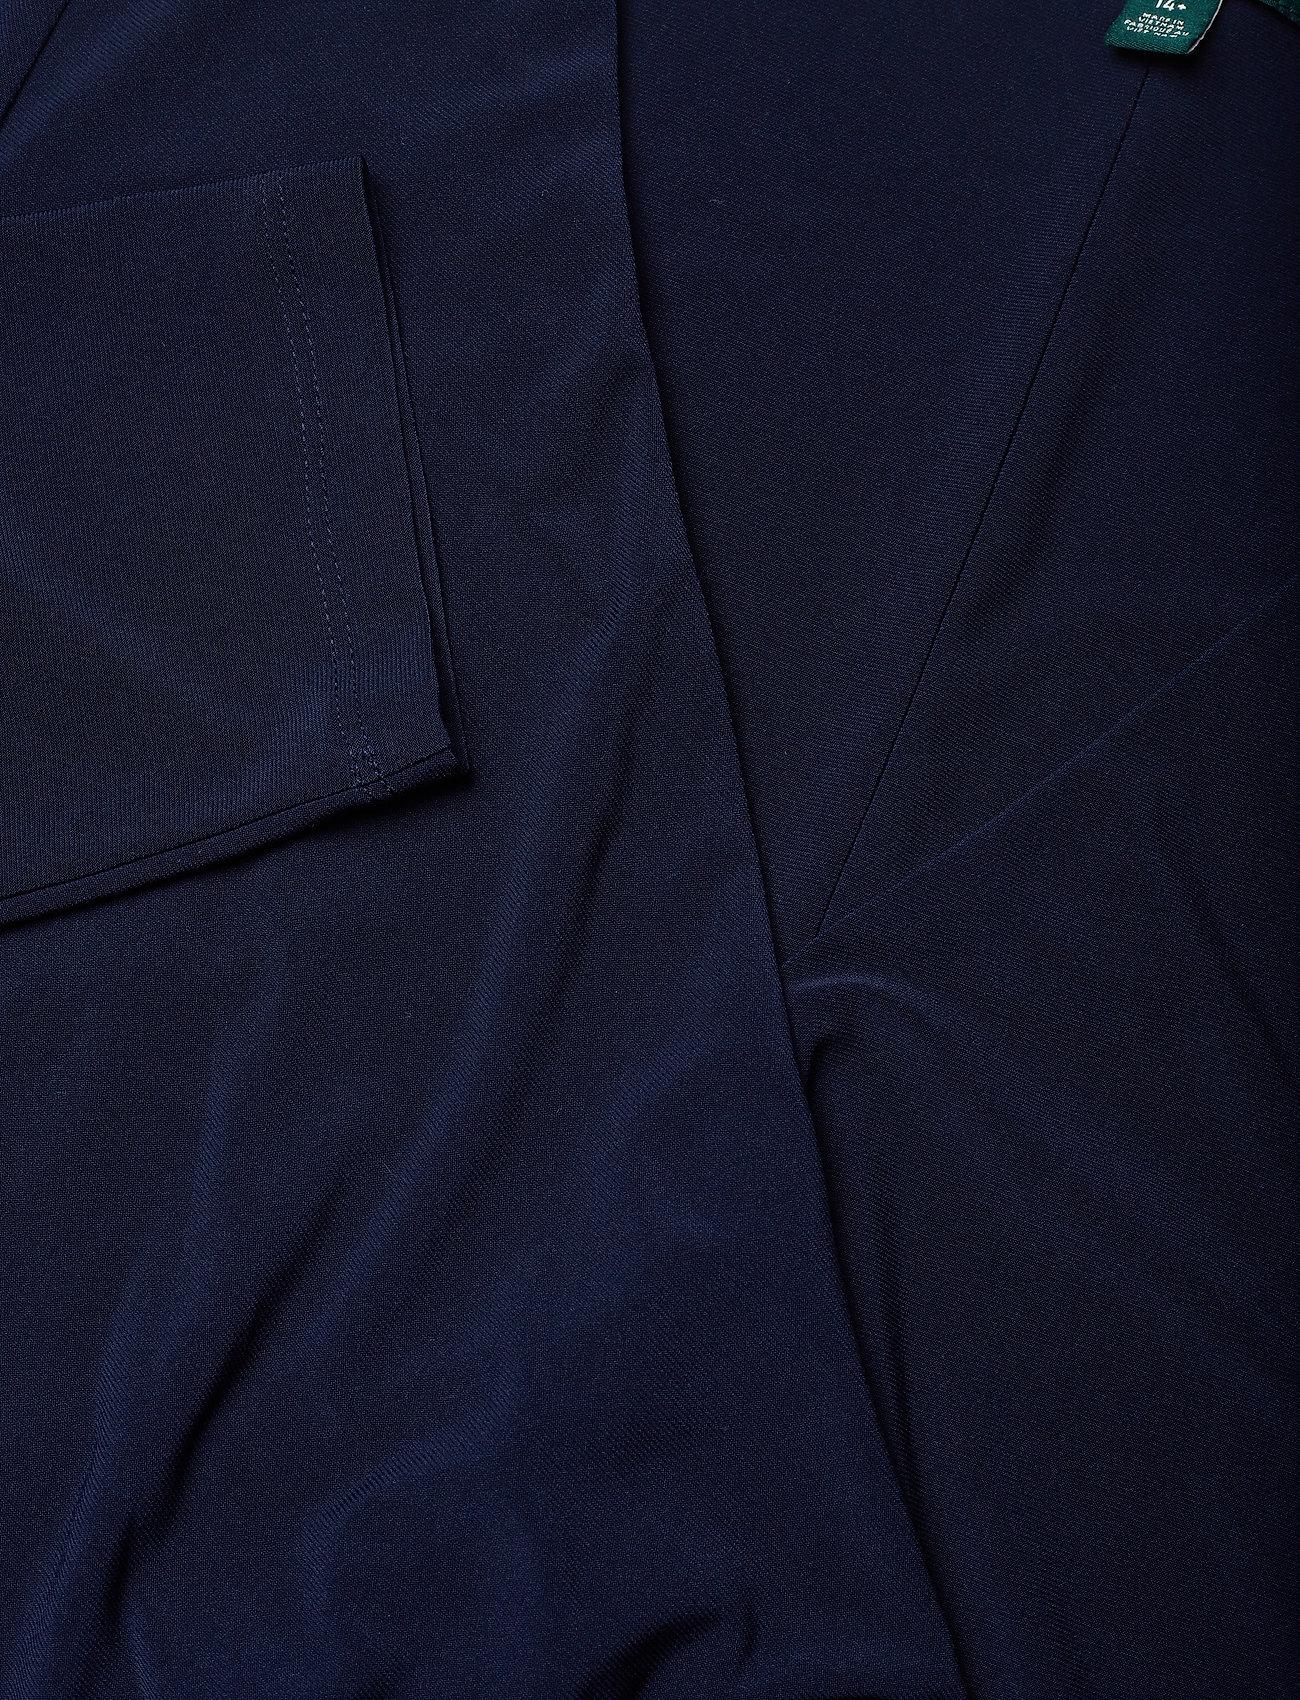 Coreen-long Sleeve-day Dress (Lighthouse Navy) (961.95 kr) - Lauren Women